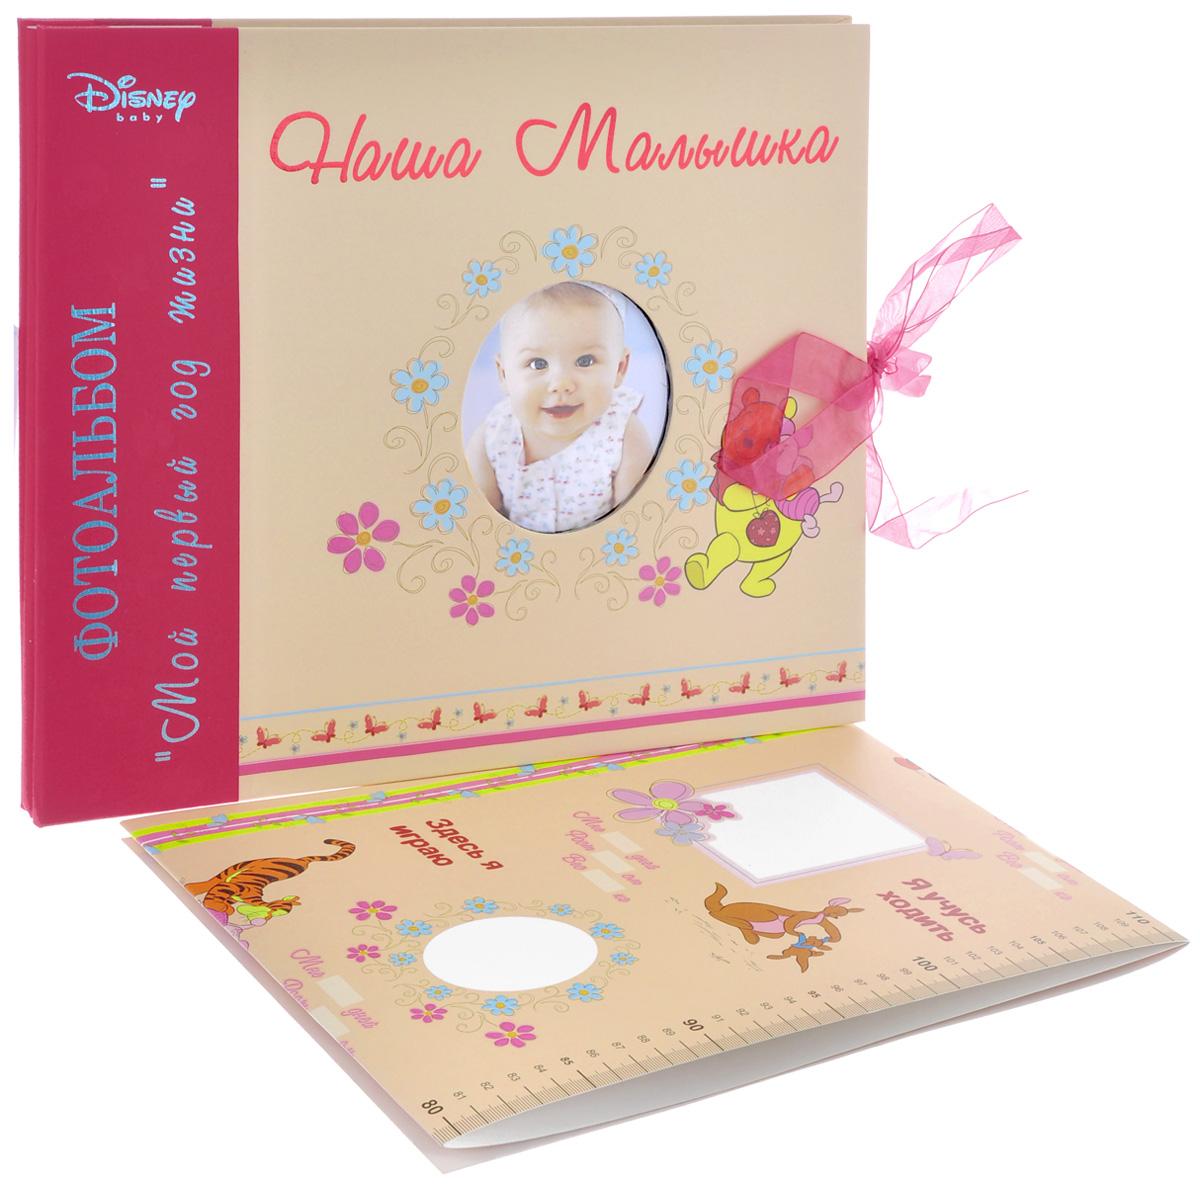 Фотокнига Pioneer Наша малышка, 34 см х 32 см10477 ScrapBookKitФотокнига Pioneer Наша малышка, изготовленная из картона и плотной бумаги, может быть использована для создания памятного альбома в технике скрапбукинг. Теперь у Вас есть уникальная возможность запечатлеть незабываемые моменты своей жизни, сохранить свои истории и воспоминания на страницах скрапбука, проявить творческую сторону своей натуры. Поверьте, создание скрапбука - это интересное, увлекательное и важное занятие, которое вполне может стать Вашим хобби. Скрапбук - это альбом Ваших лучших воспоминаний. Обычно он посвящается какому-то важному событию в жизни. В нем Вы сможете выразить себя, свои идеи, мысли, чувства, описать увлекательные истории из своей жизни, отразить памятные события. В этом вам помогут различные наклейки, декоративная бумага, уголки для фотографий, забавные рисунки и куча различных декоративных элементов. В скрапбуке вы сможете сохранить не только фотографии, в него, по своему усмотрению, можете добавить свои рисунки, шаржи, вырезки...